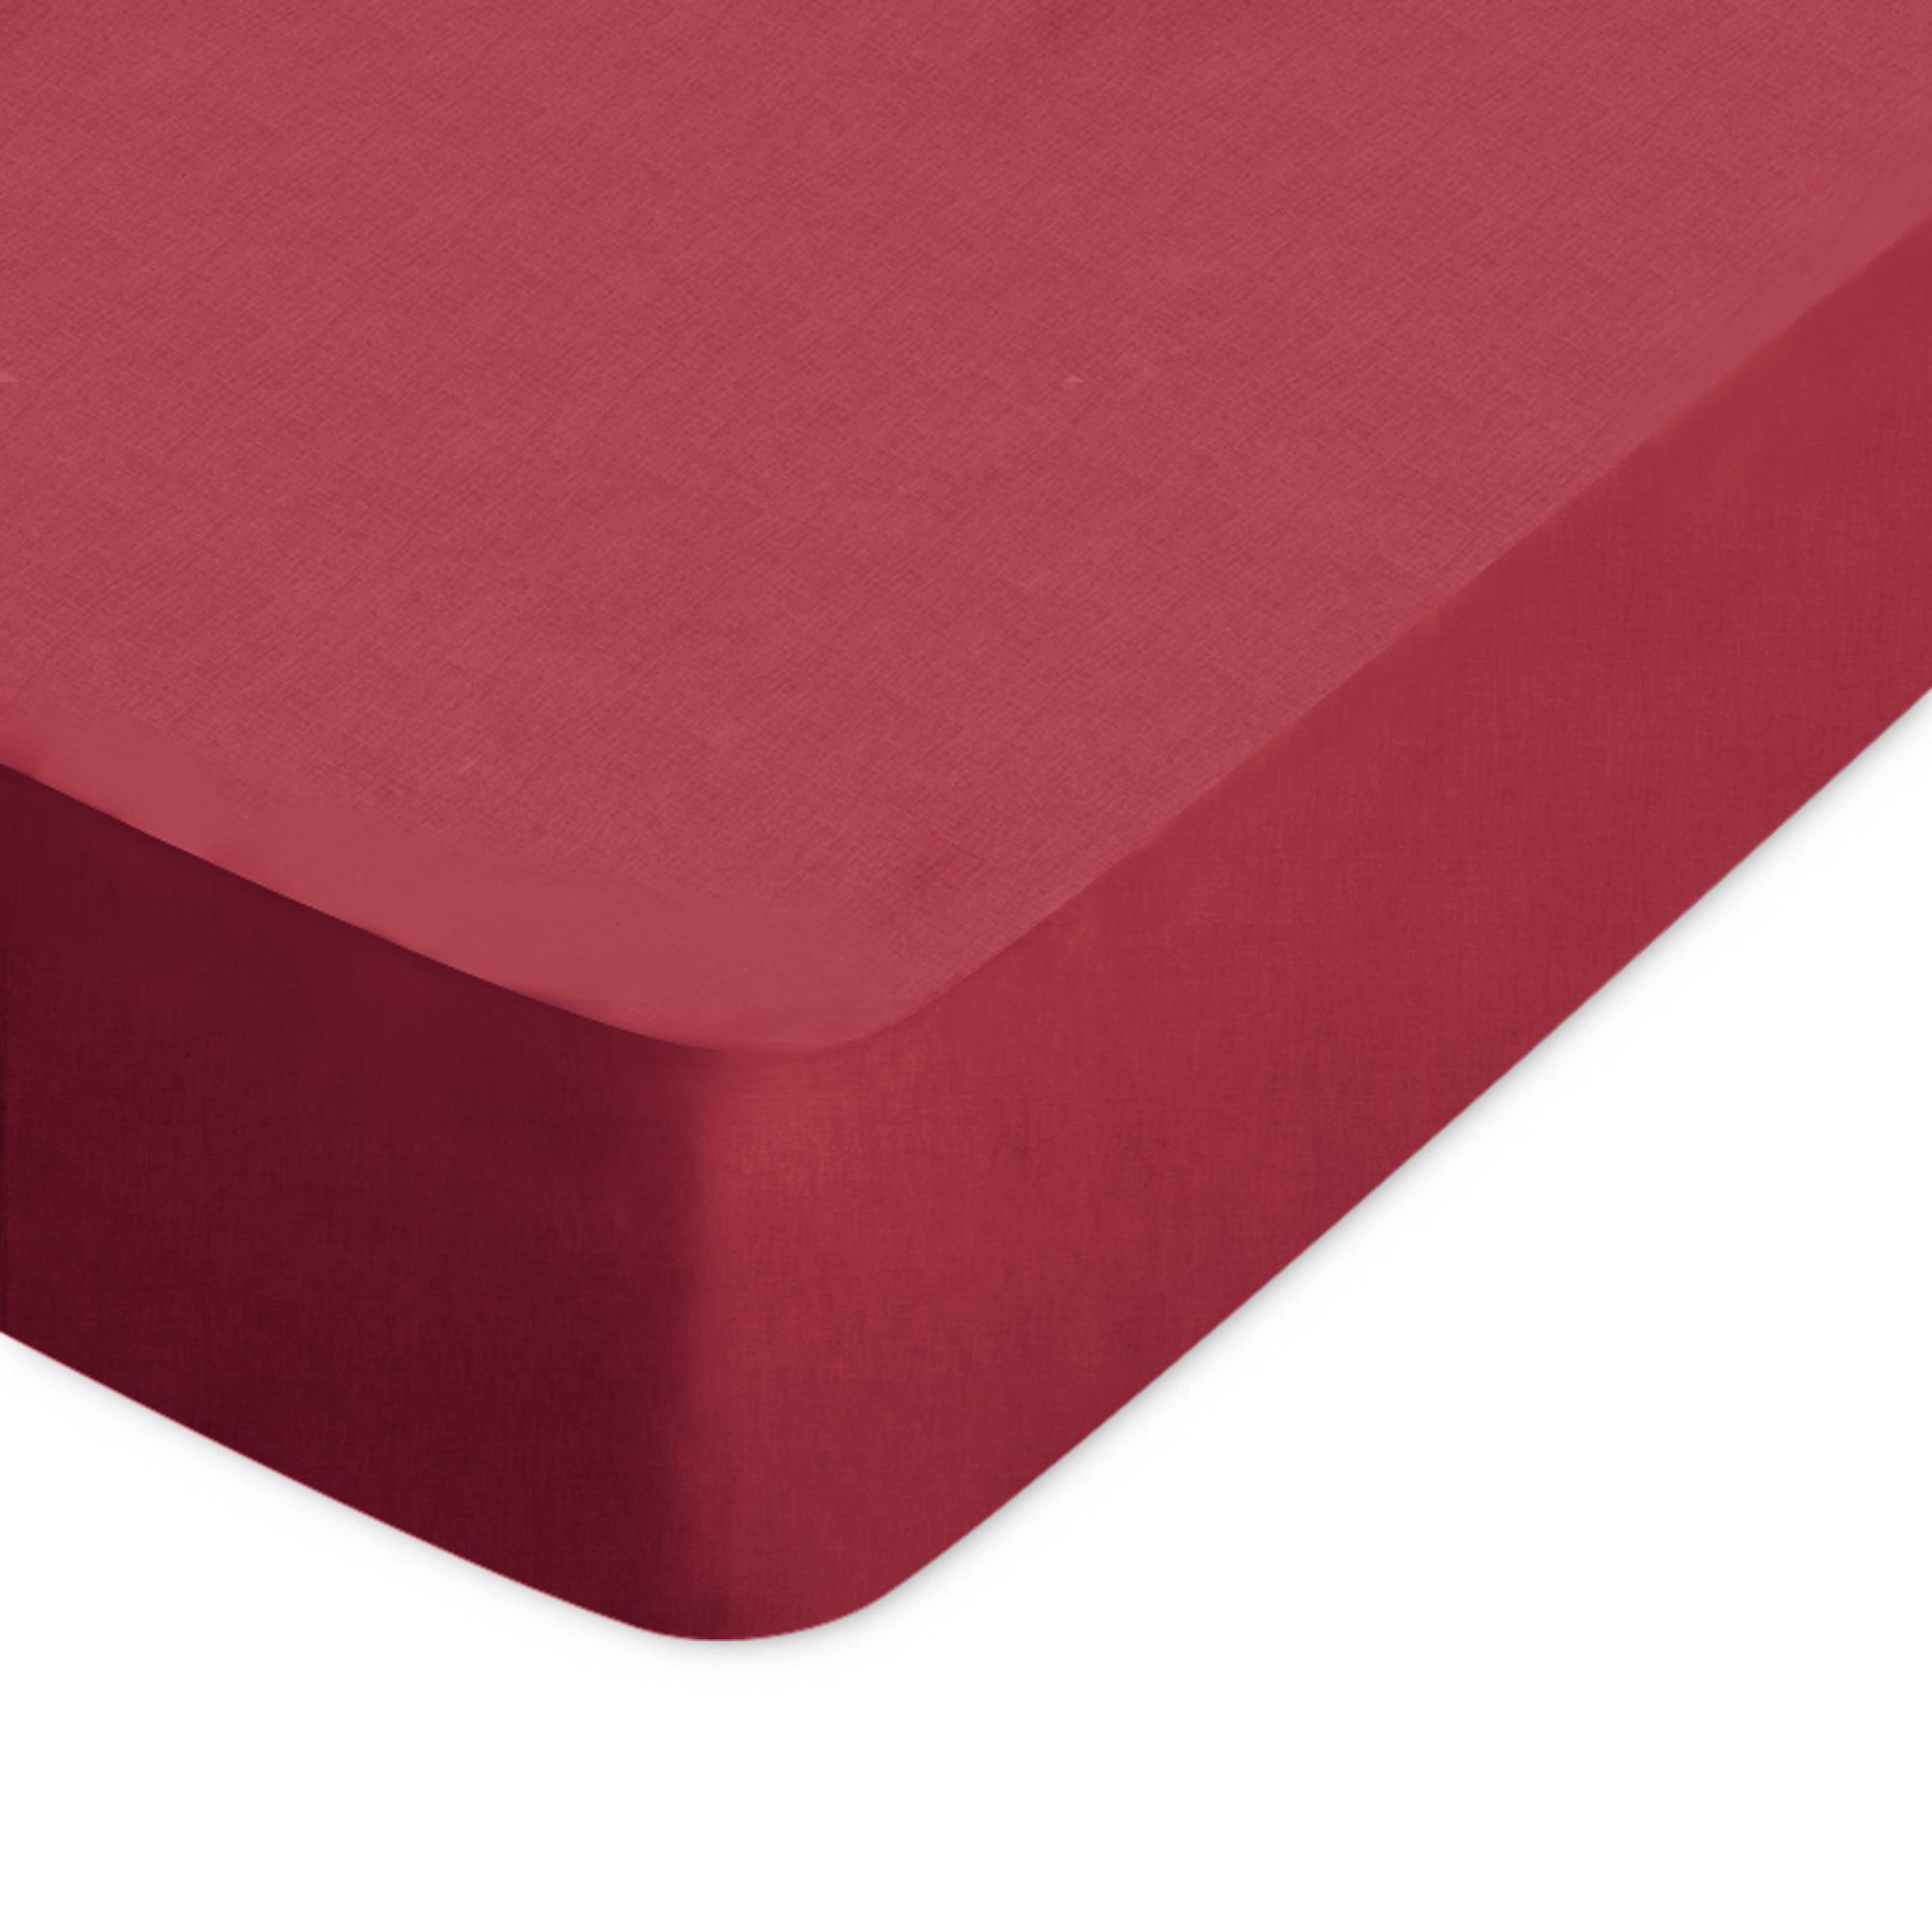 drap housse 120x190cm uni pur coton alto rouge garance linnea linge de maison et. Black Bedroom Furniture Sets. Home Design Ideas